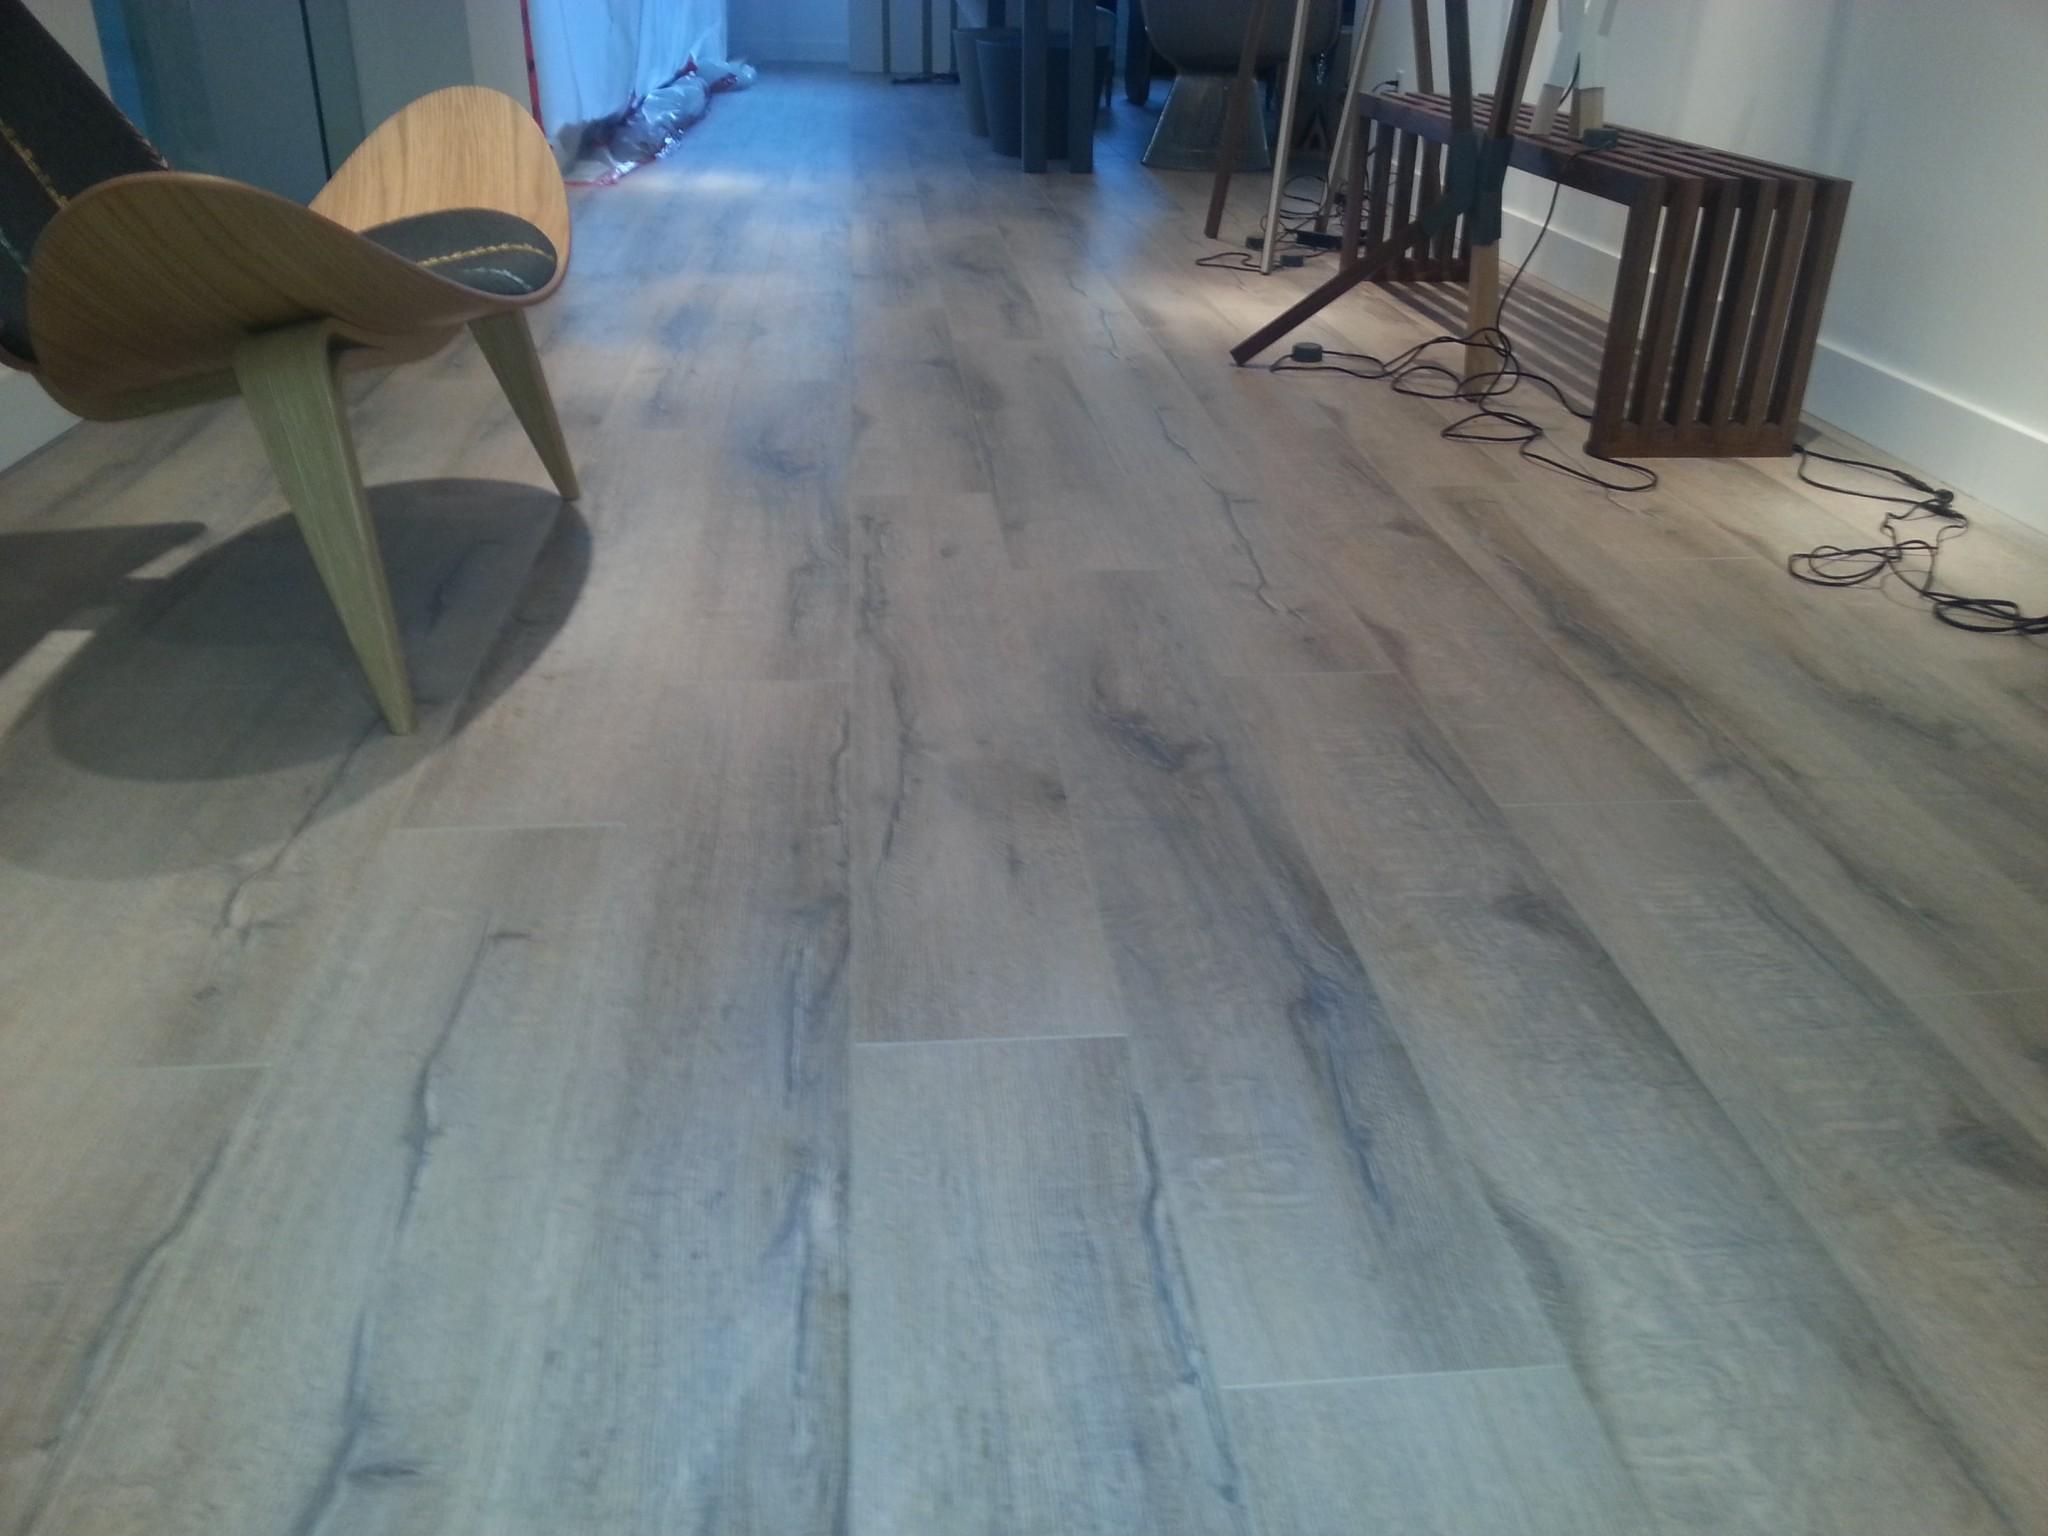 Hardwood vs laminate flooring la floor - Laminate flooring vs hardwood flooring ...